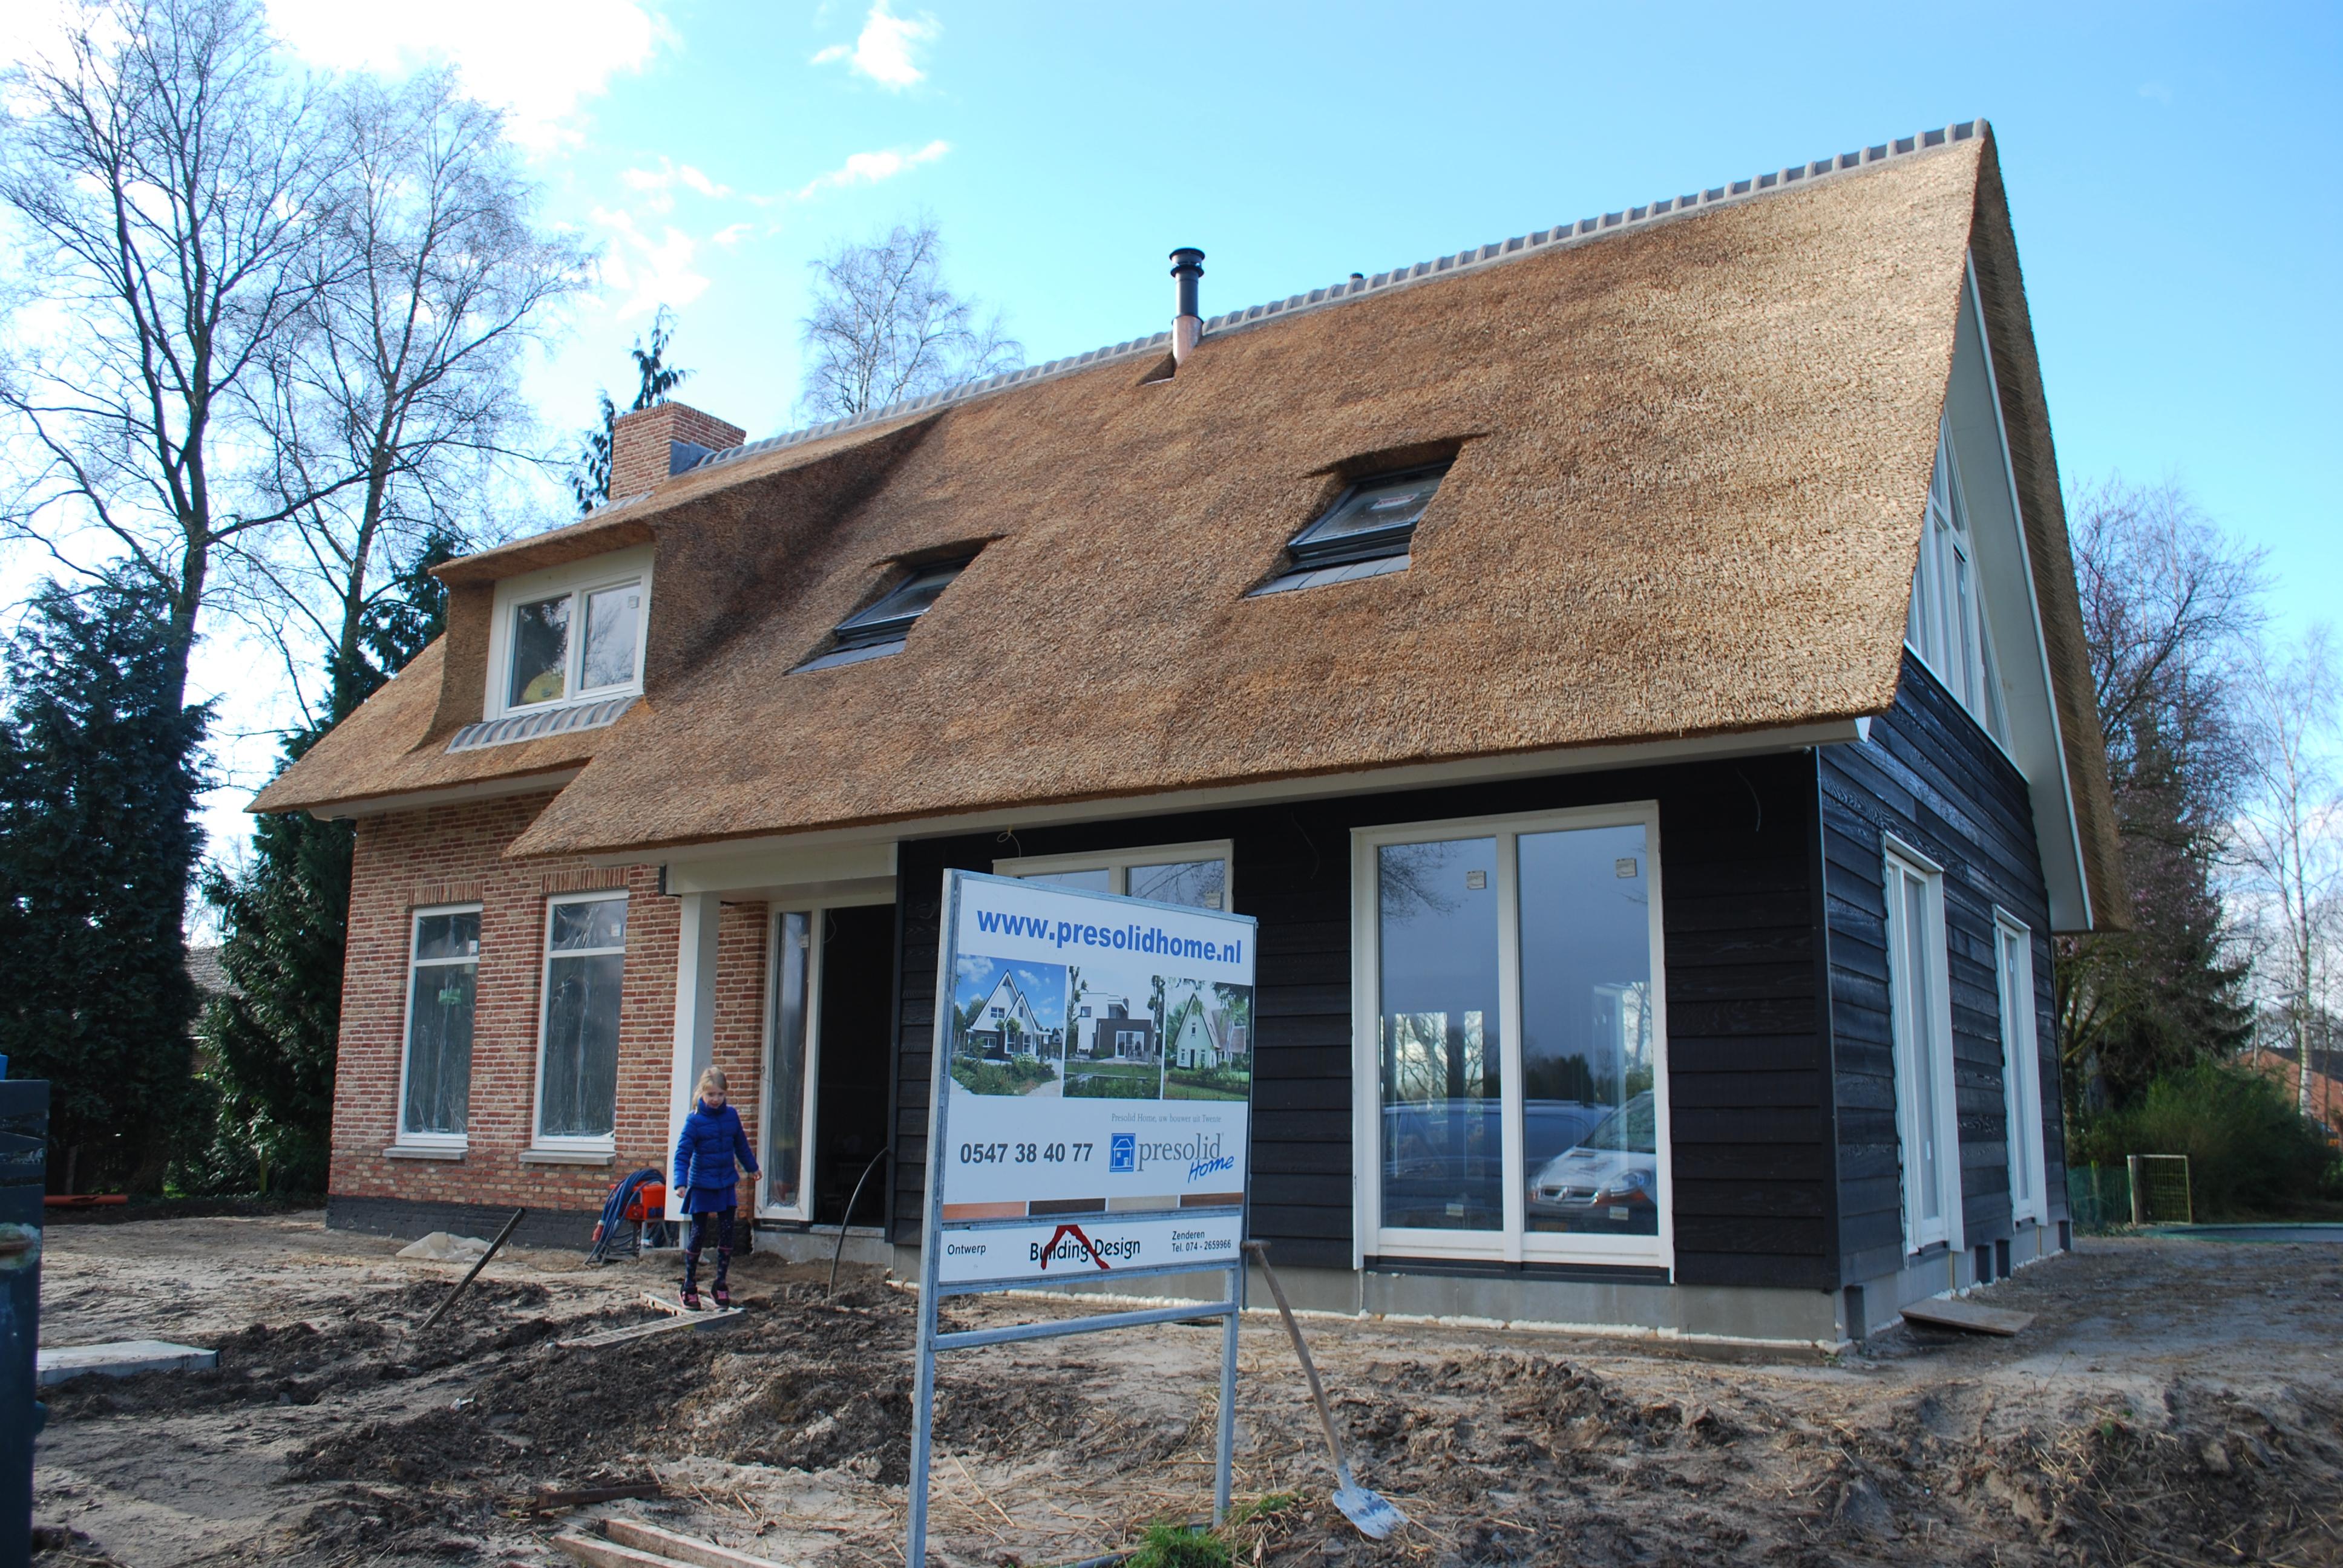 Top huisje schilderen idee ic with buitenkant huis schilderen for Wat kost een huis schilderen